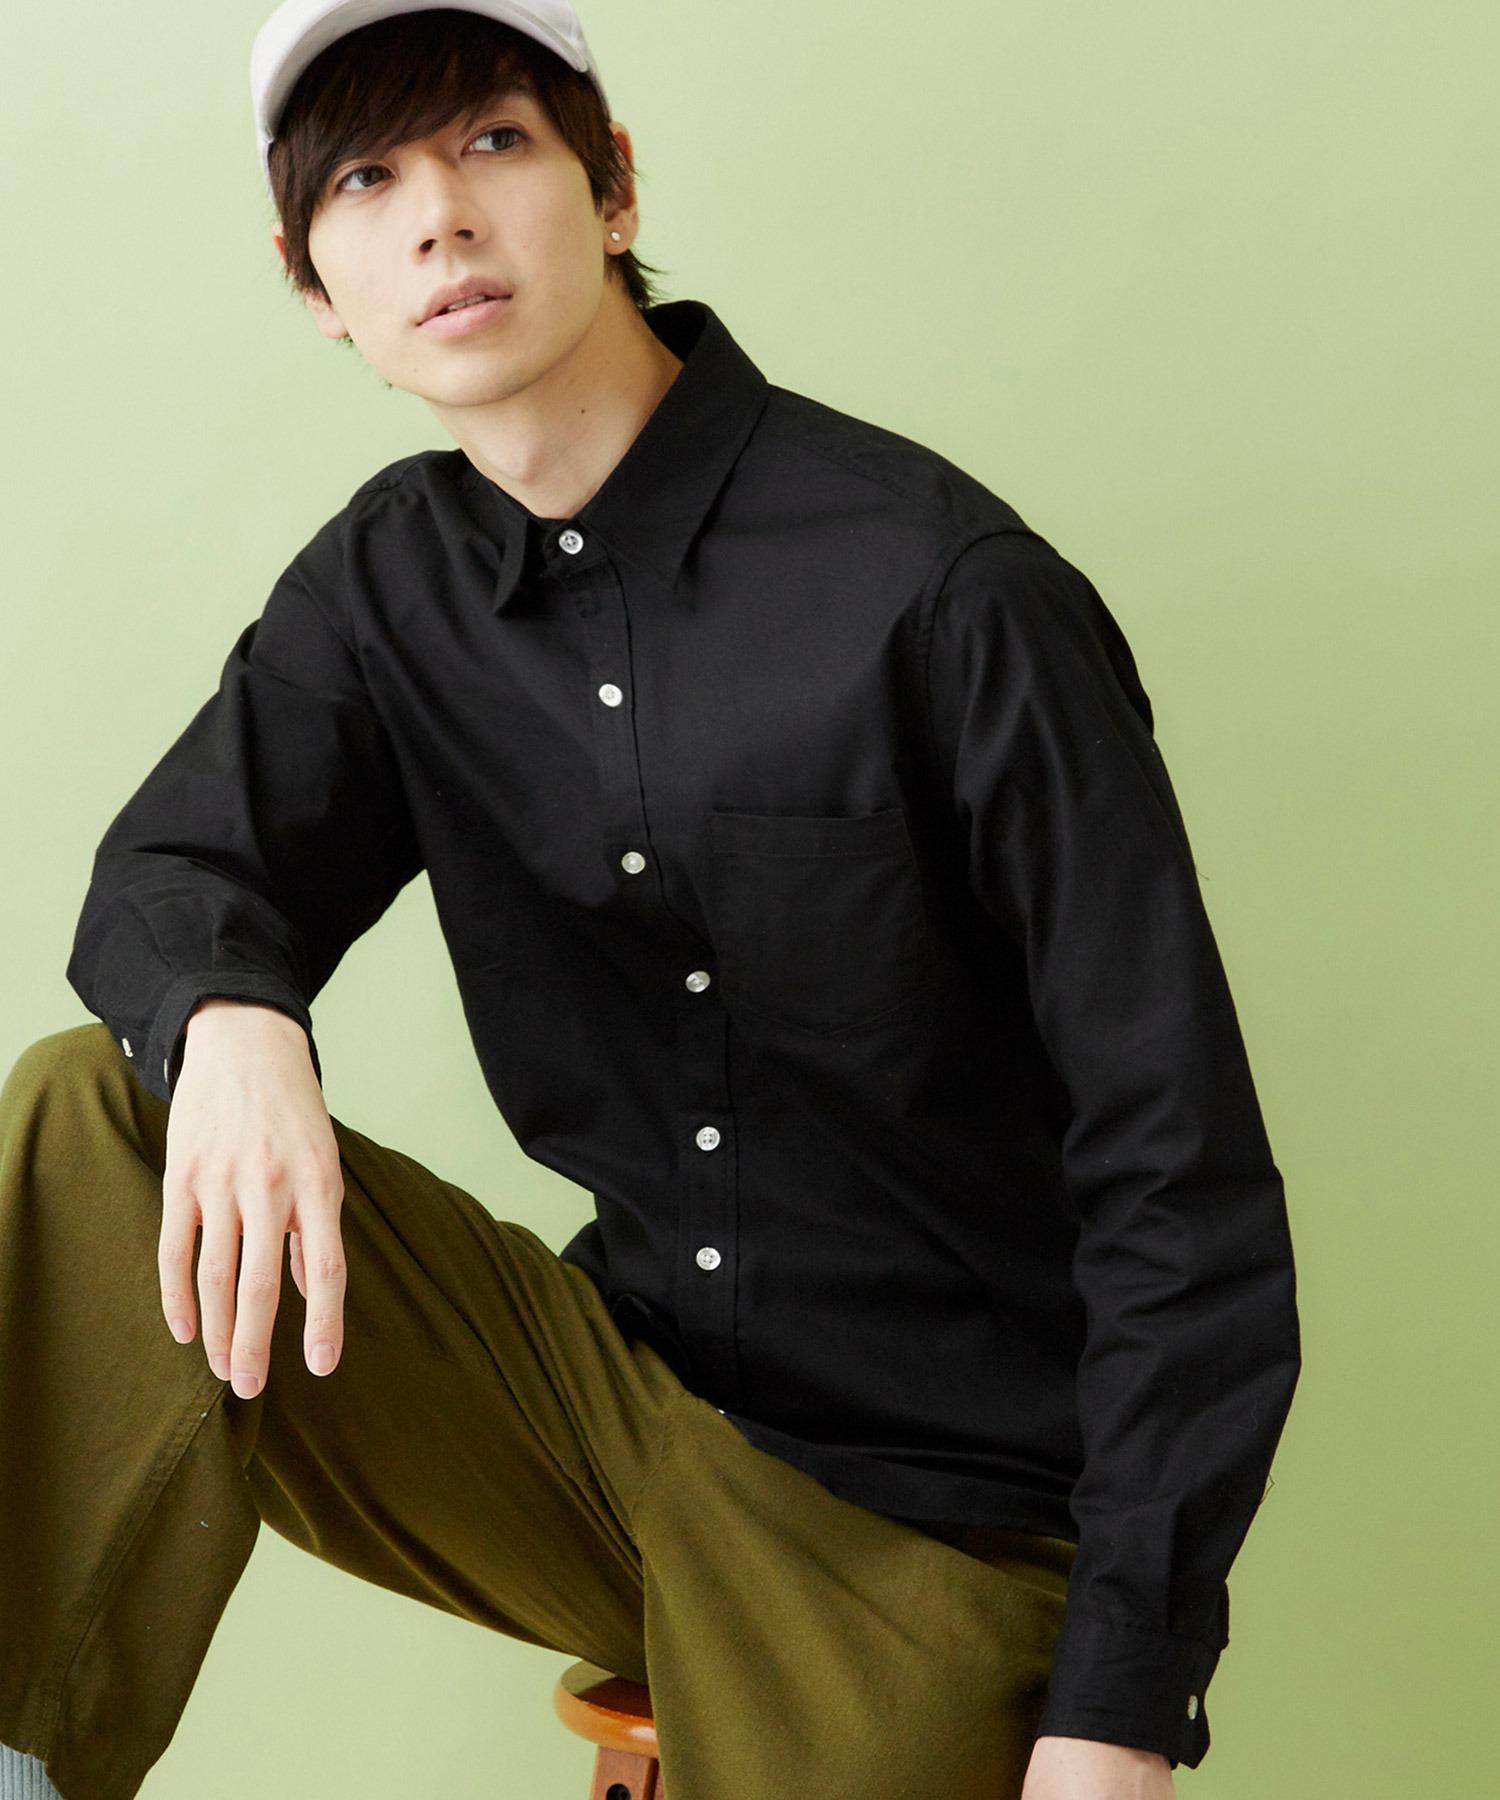 レギュラーカラー ストレッチリネンシャツ L/S (Natural cotton linen fabric)